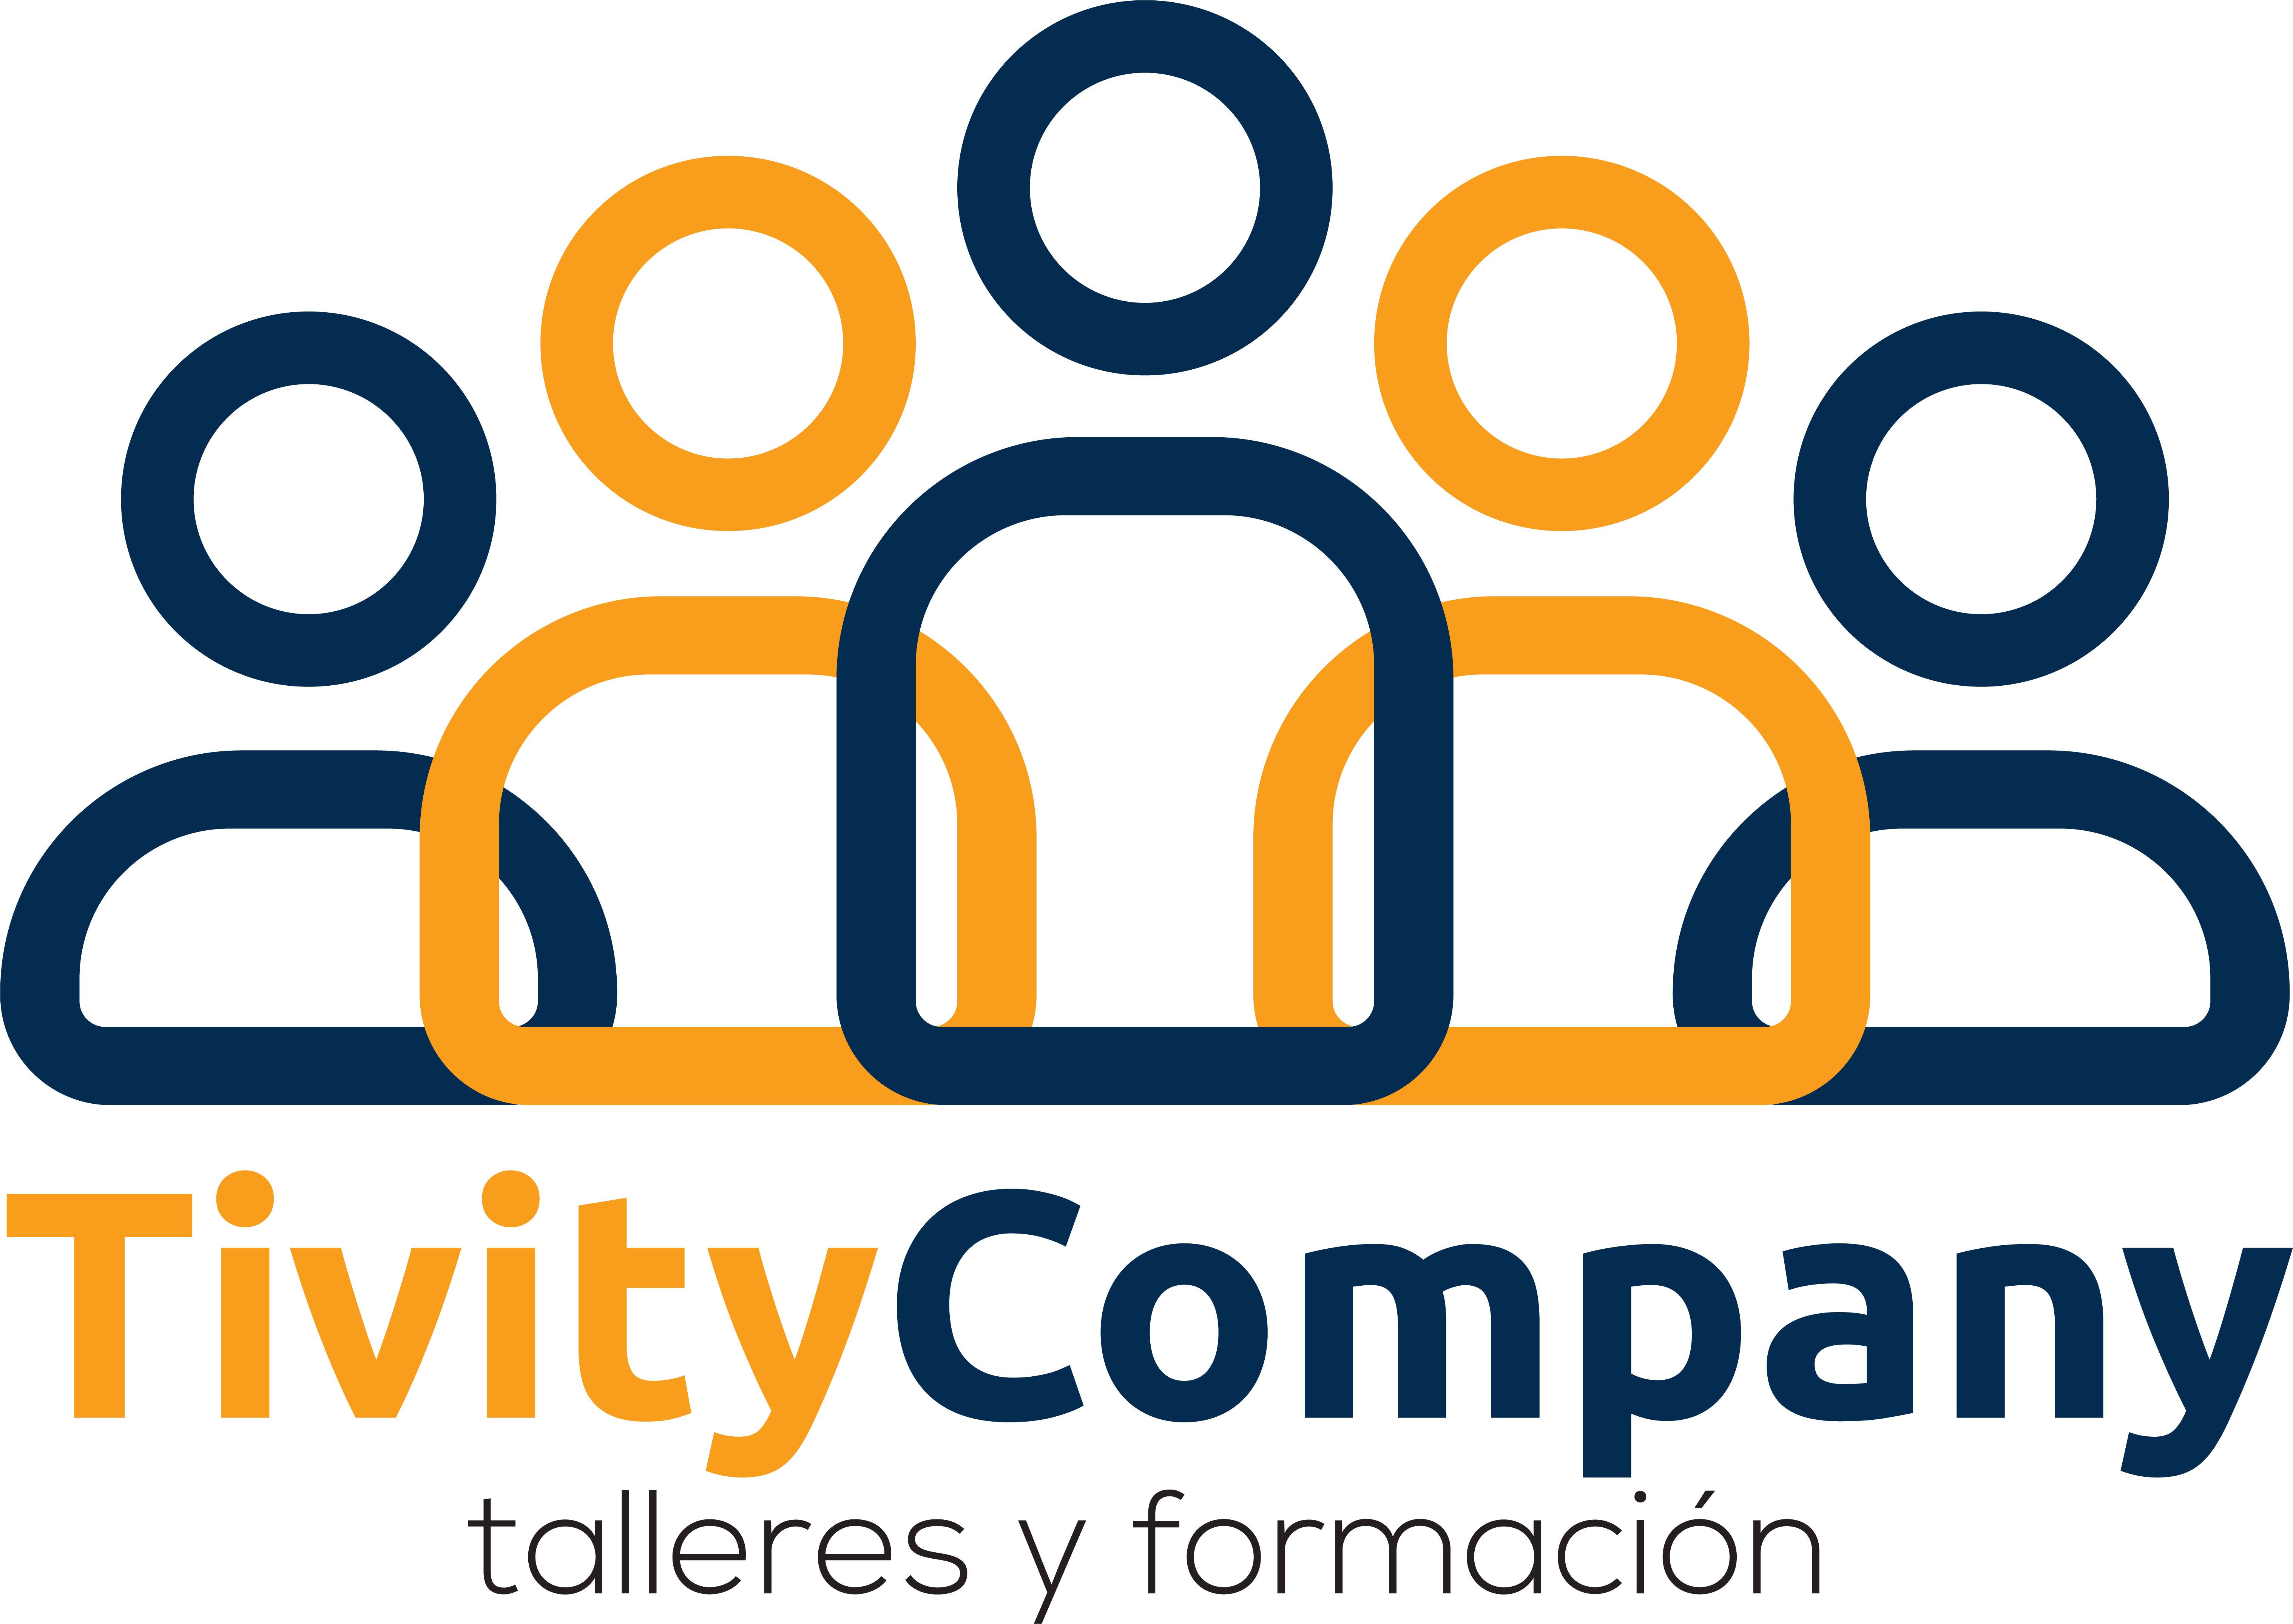 Tivity Company, talleres y formación para empresas en Canarias